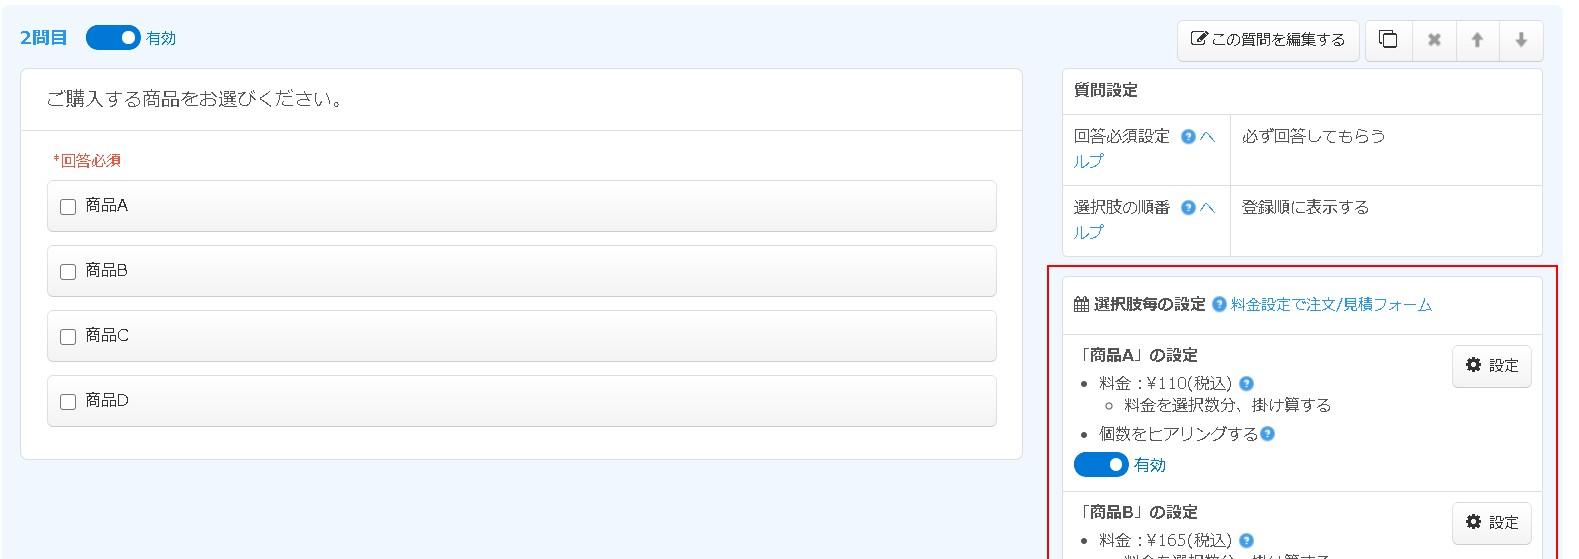 1.質問設定エリア内の選択肢毎設定エリアの様子